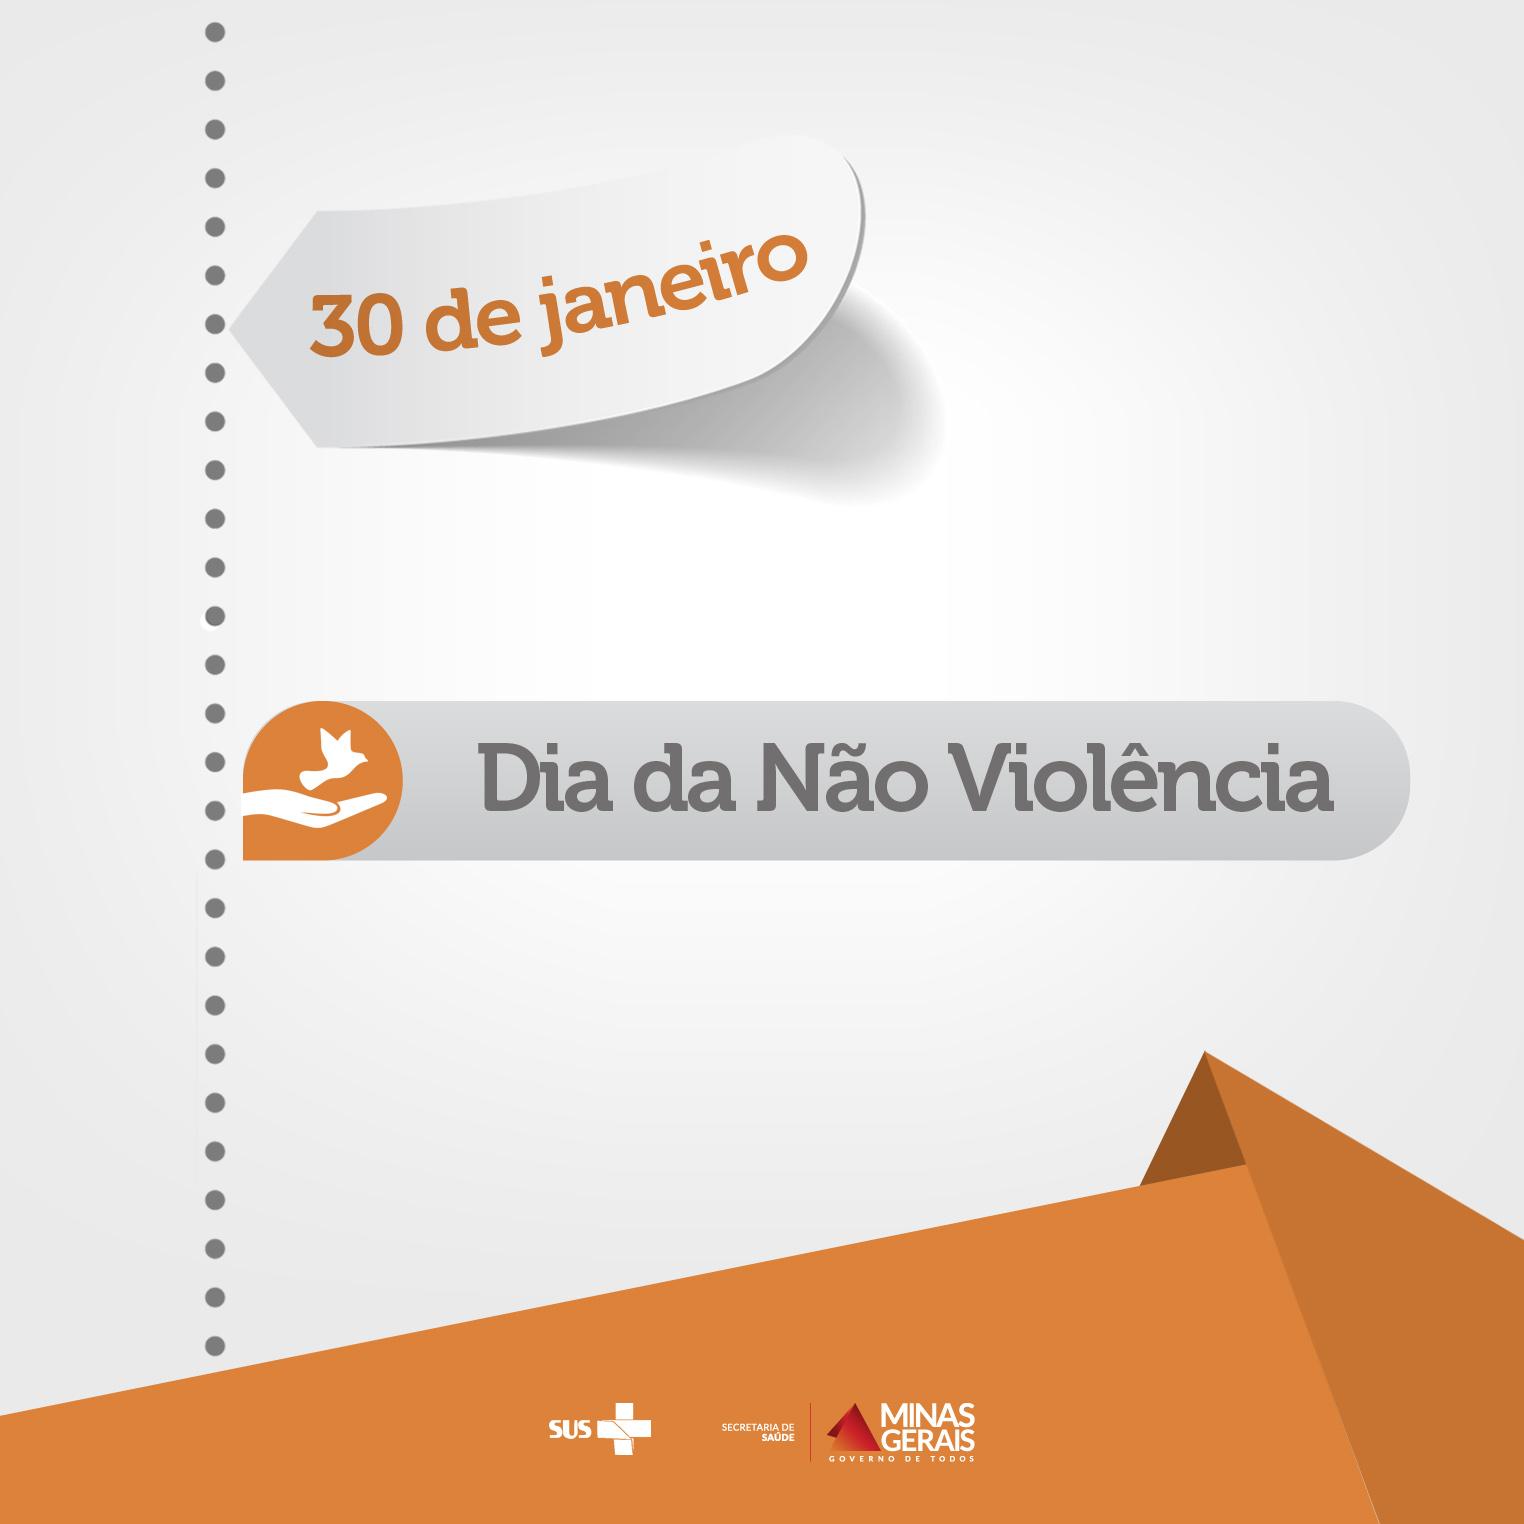 30-01 Dia da Não Violência (Cultura da Paz)